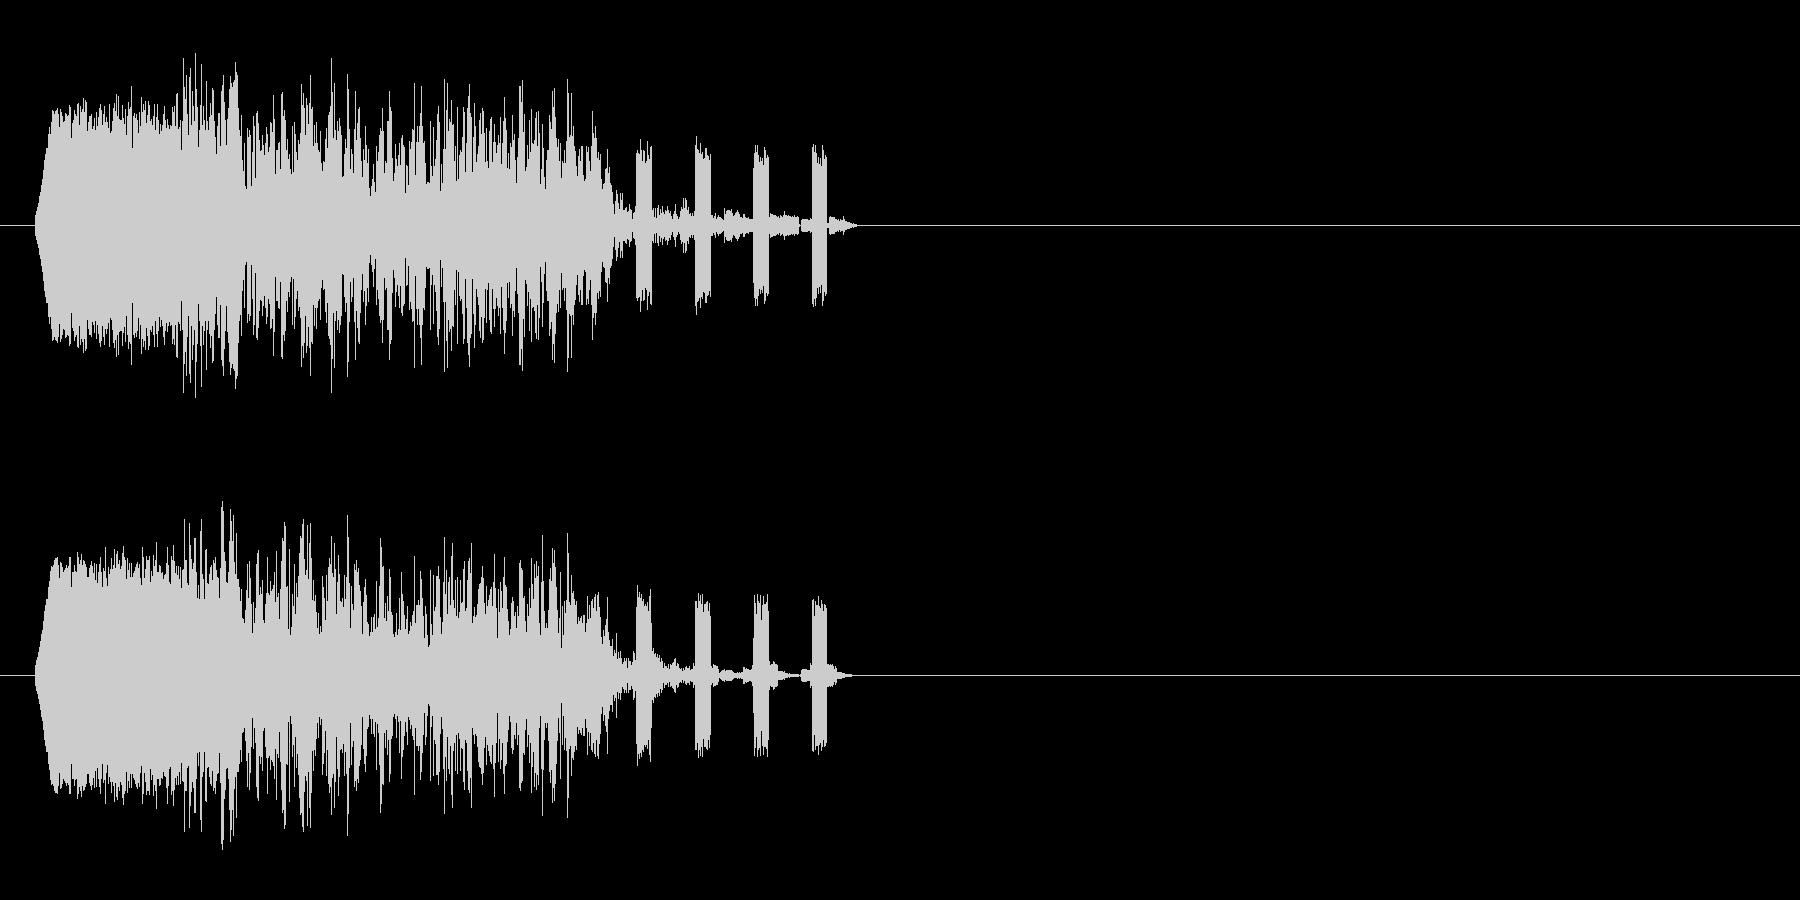 クイック粉砕ヒットの未再生の波形